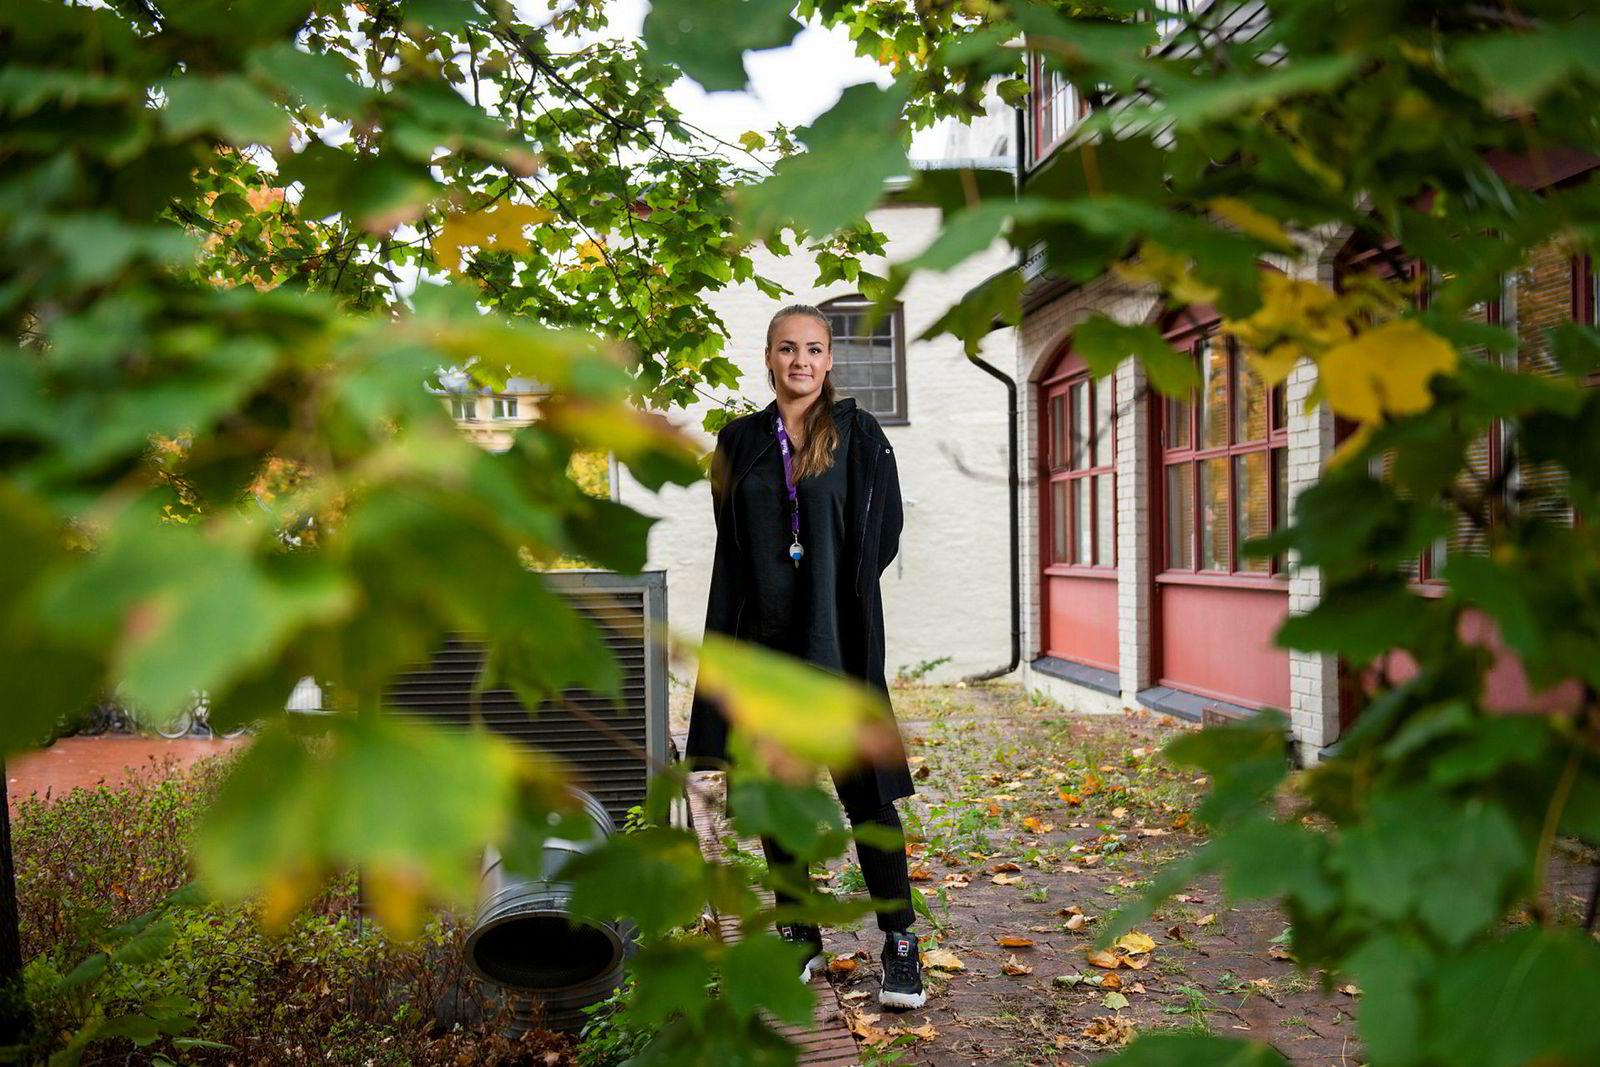 Fanny Ødegård ville egentlig bli pilot, og ideen om utelivsappen fikk hun da hun tok flytimer.